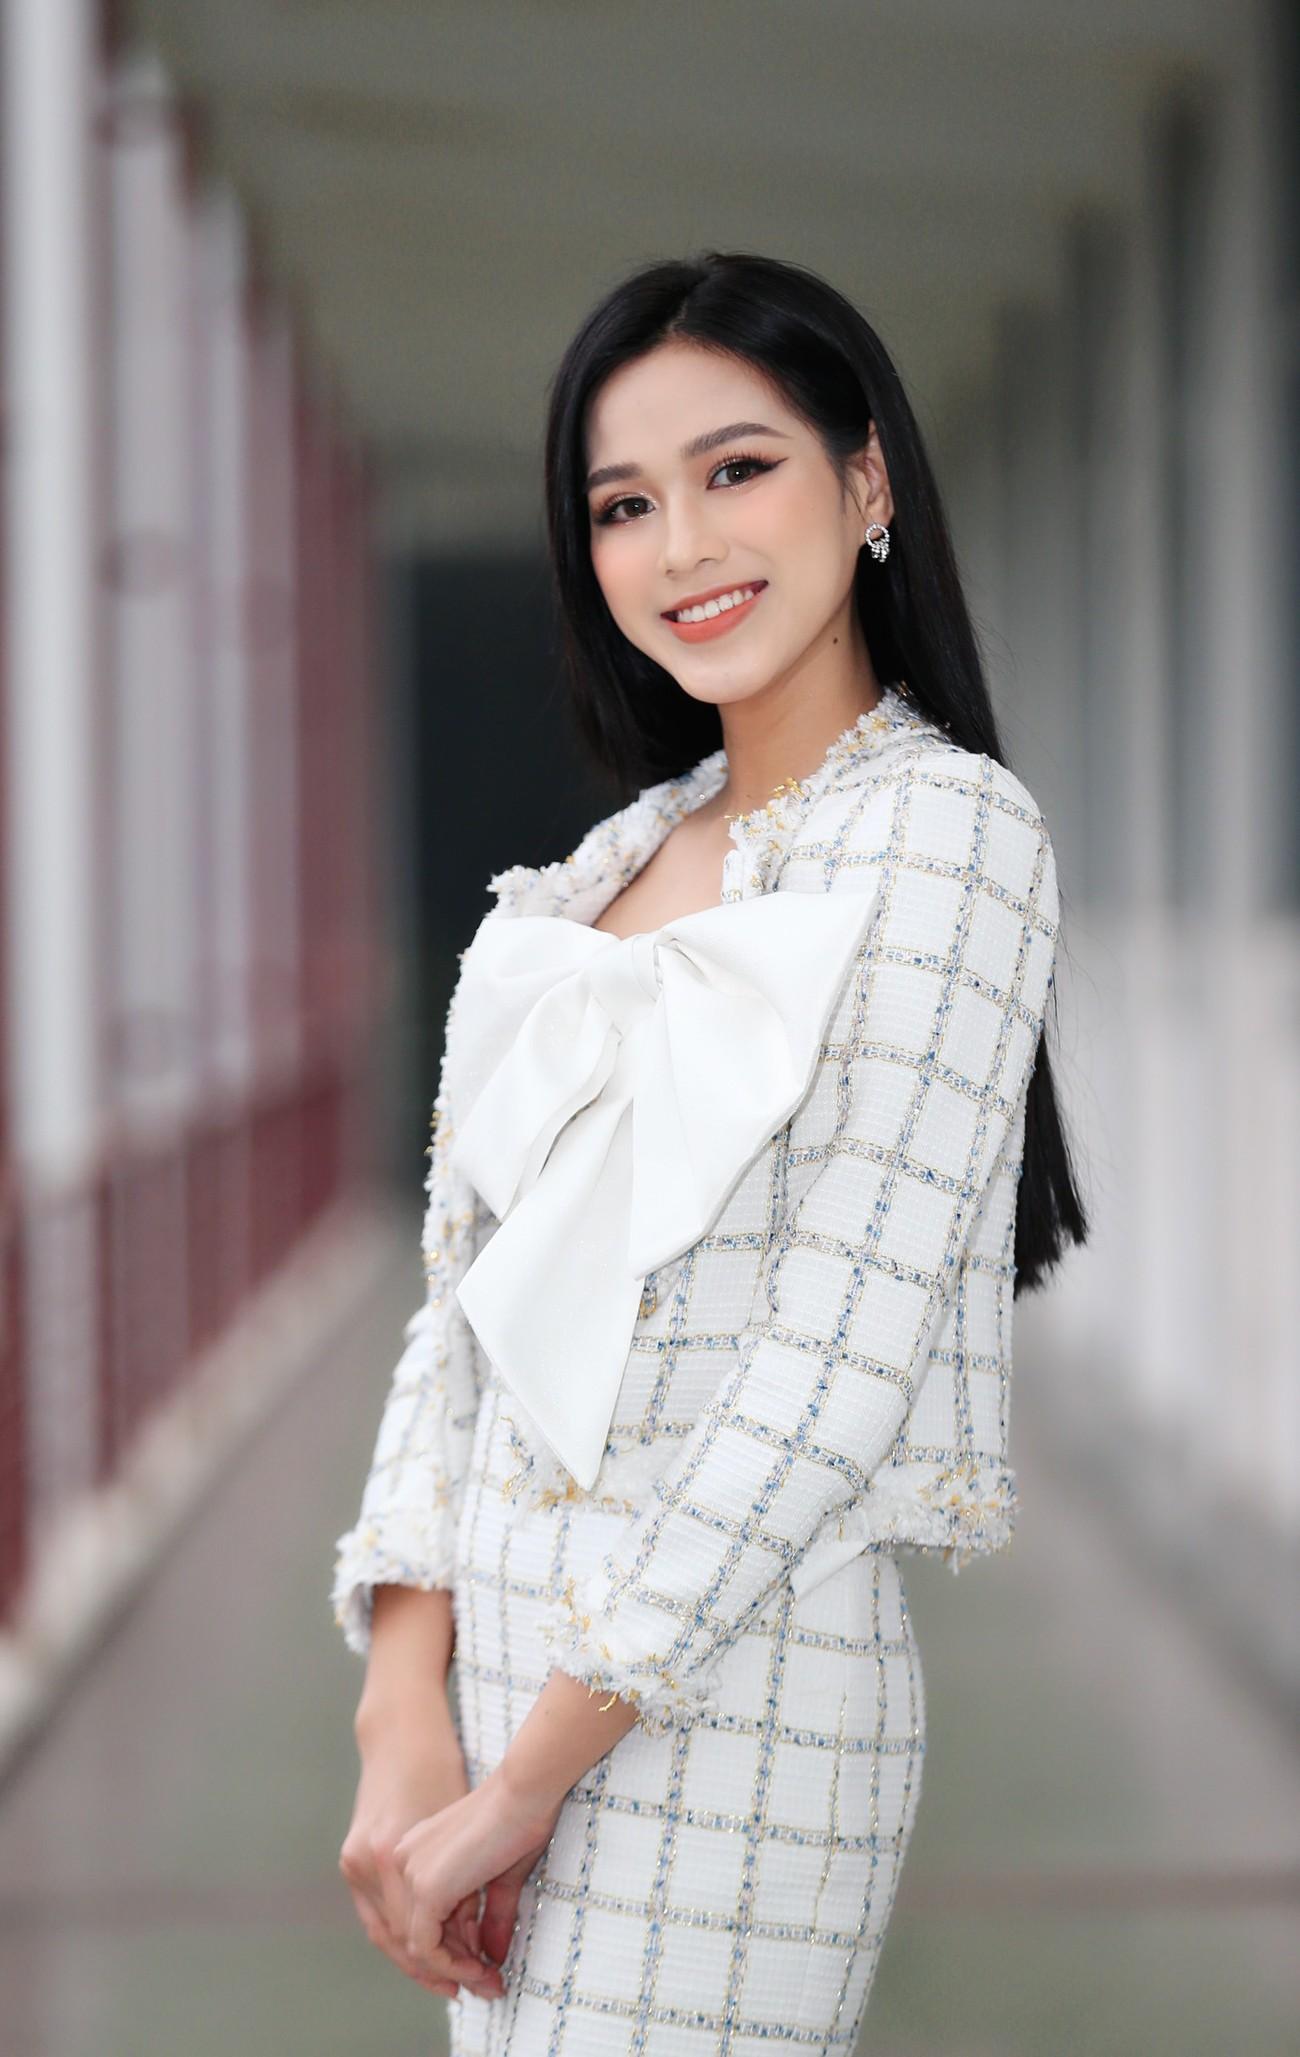 Hoa hậu Đỗ Thị Hà và Á hậu Phương Anh, Ngọc Thảo giản dị vẫn cực xinh đẹp ảnh 4